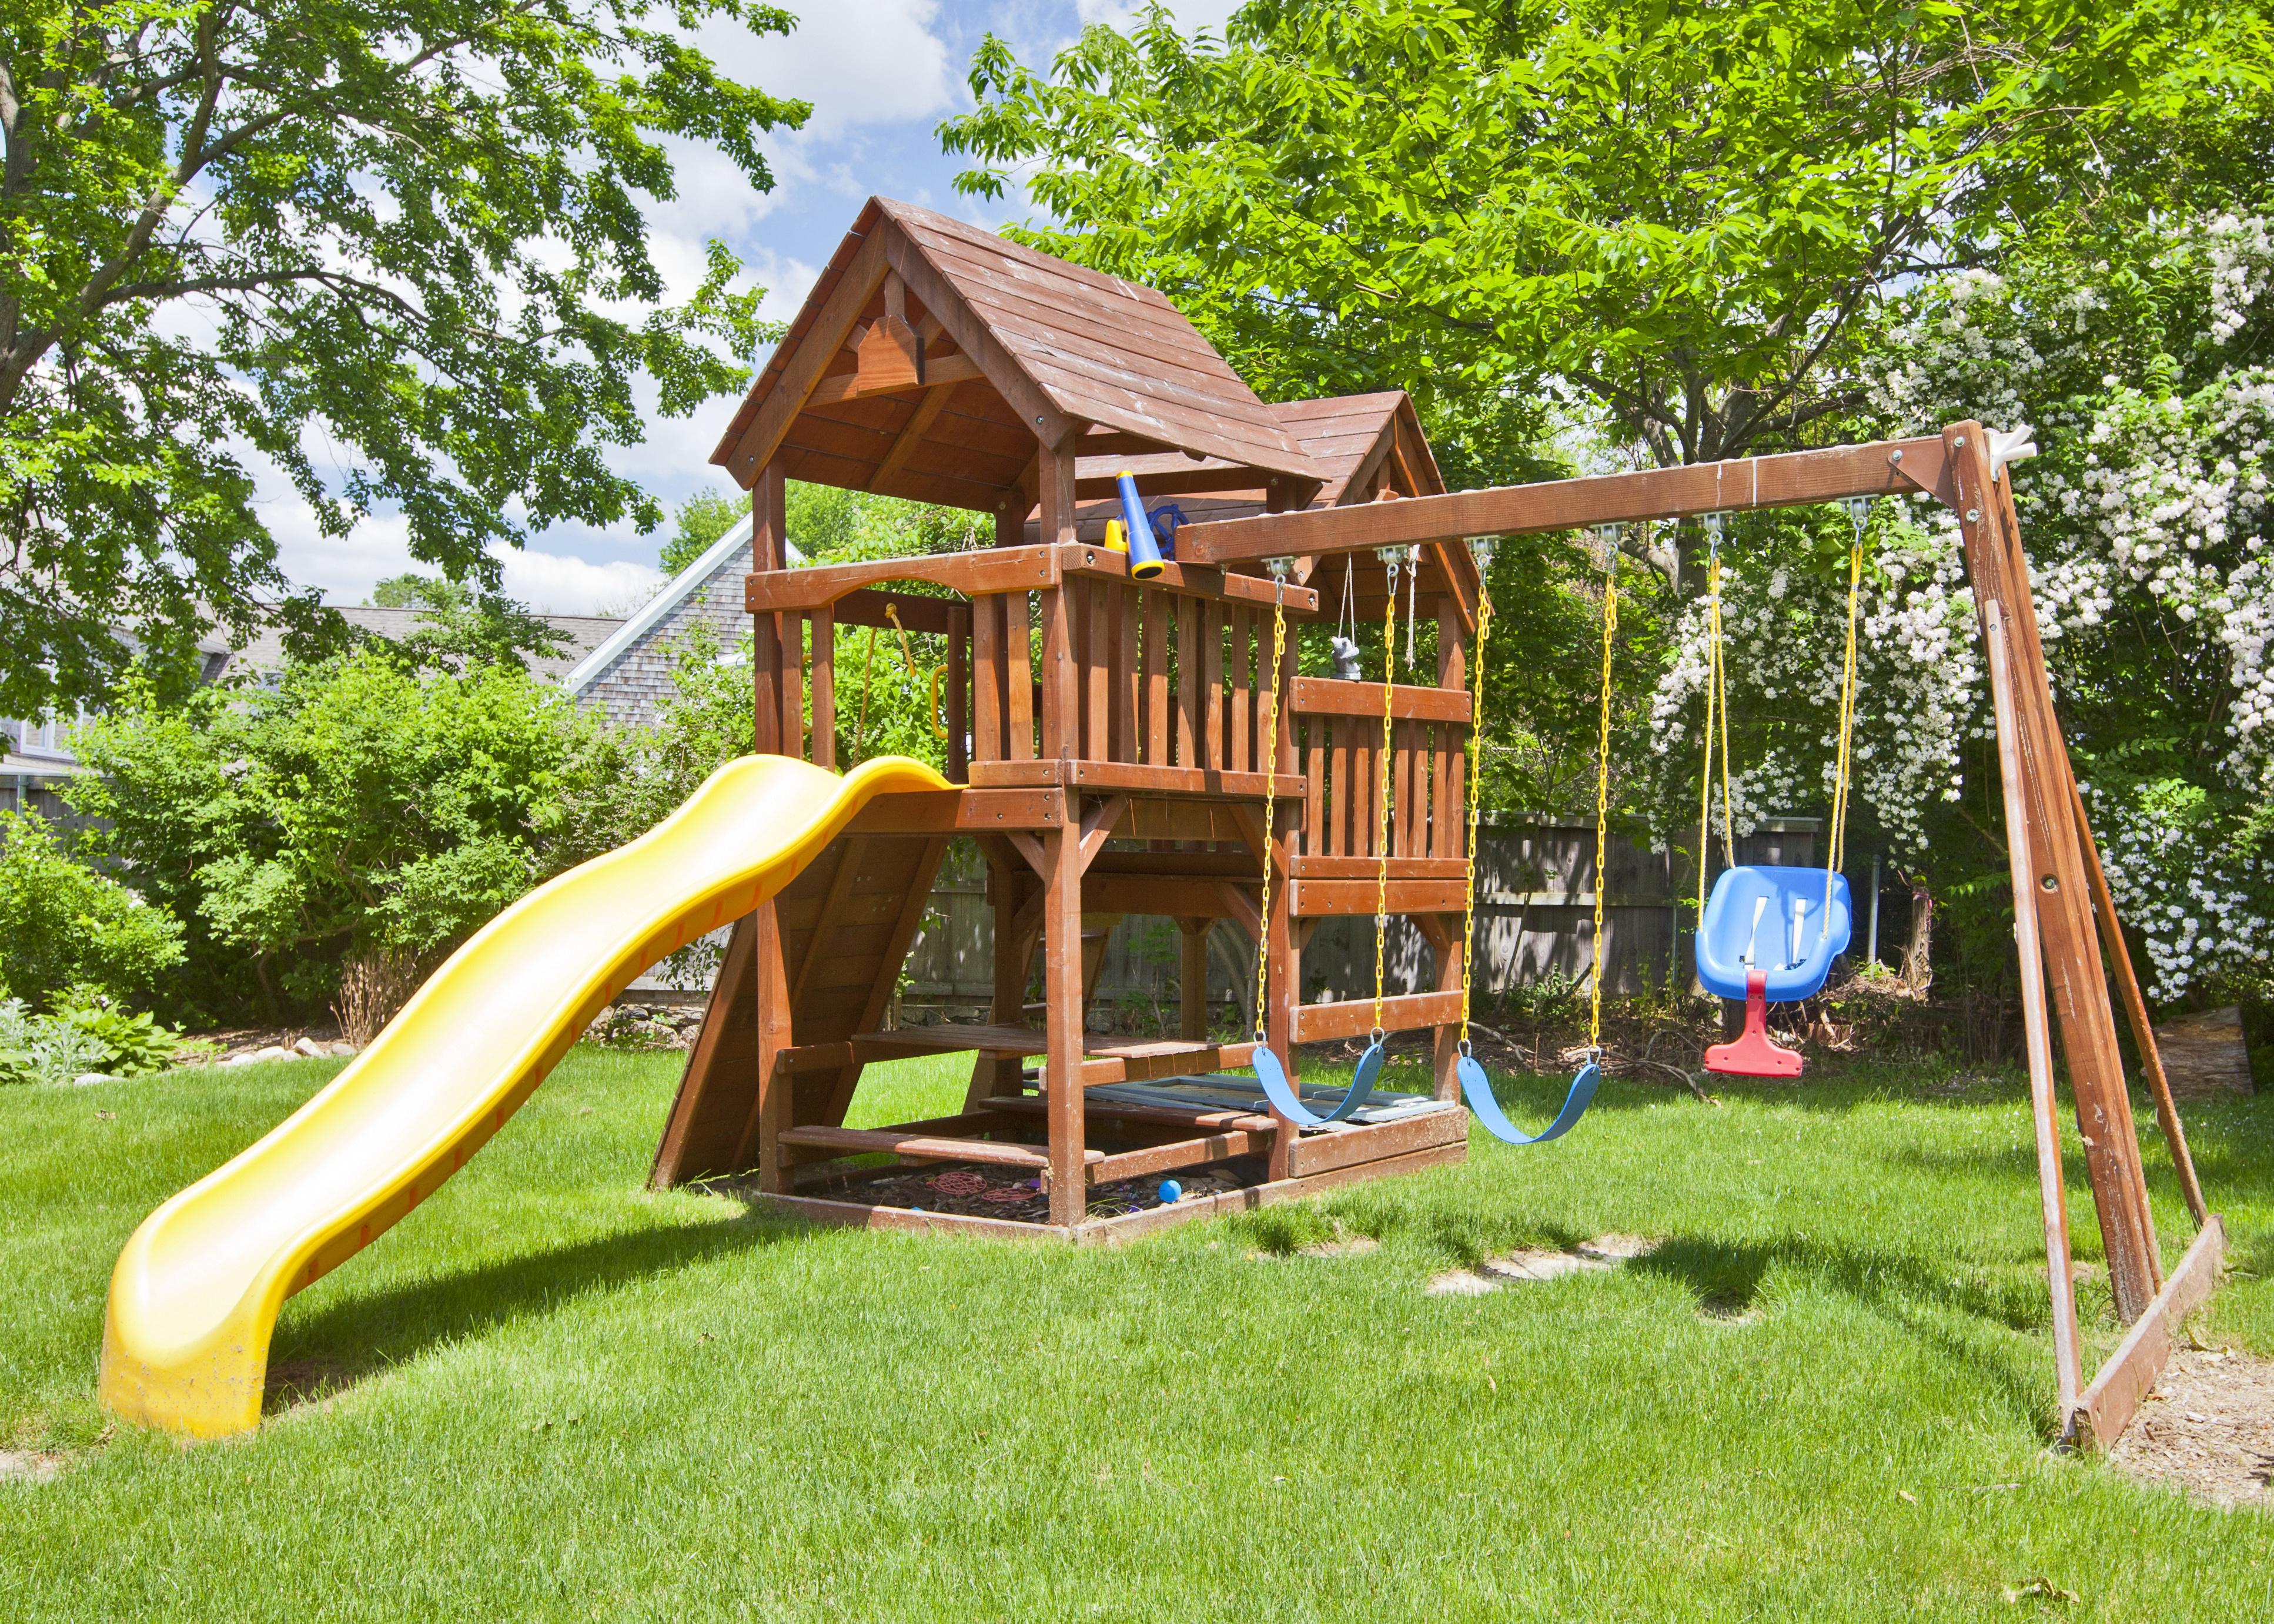 Ein Spielhaus Ist Die Perfekte Losung Um Rutsche Schaukel Und Sandkasten Mit Dach Platzsparend Zu Kombinieren